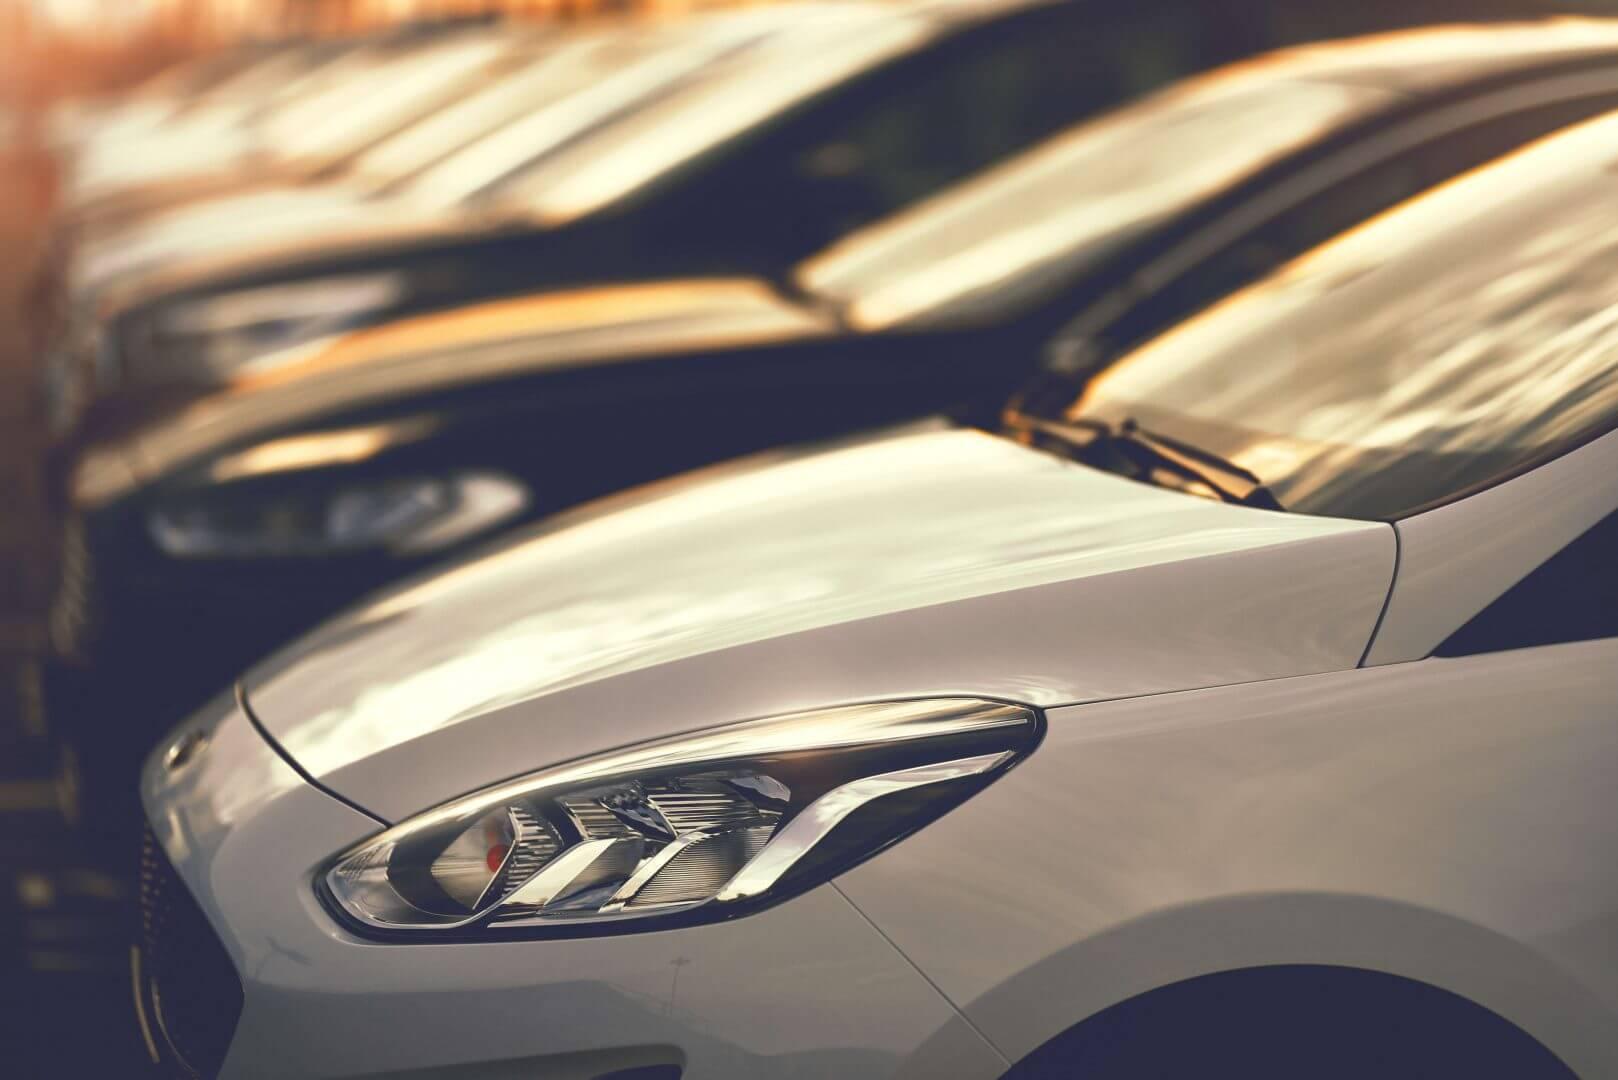 Auta z najtańszym ubezpieczeniem – co oprócz marki ma znaczenie? Wyjaśniamy!